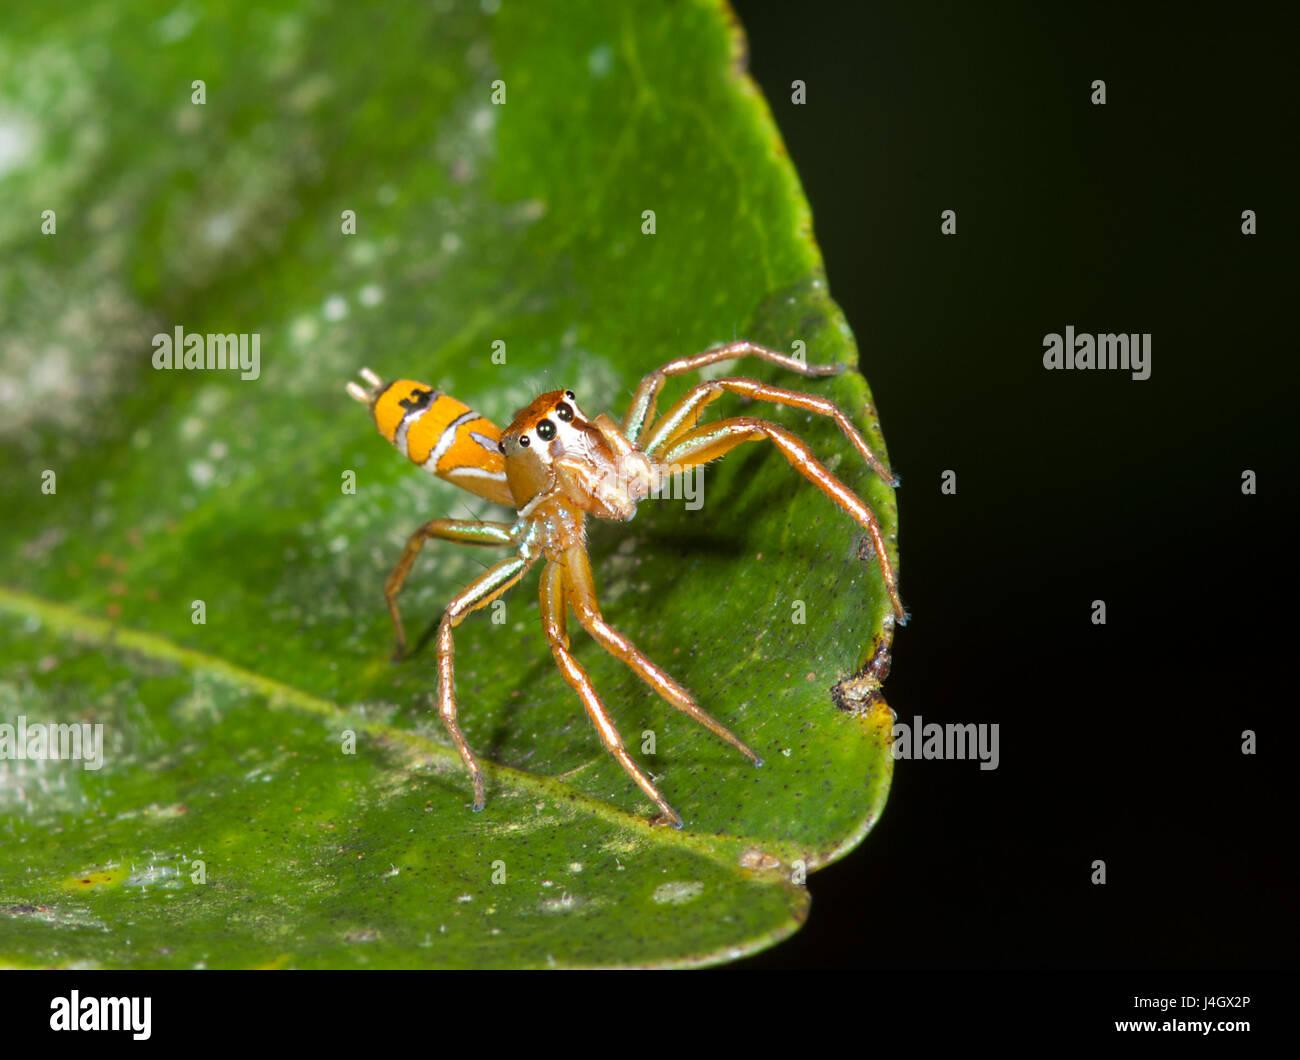 jumping-spider-cosmophasis-bitaeniata-sa